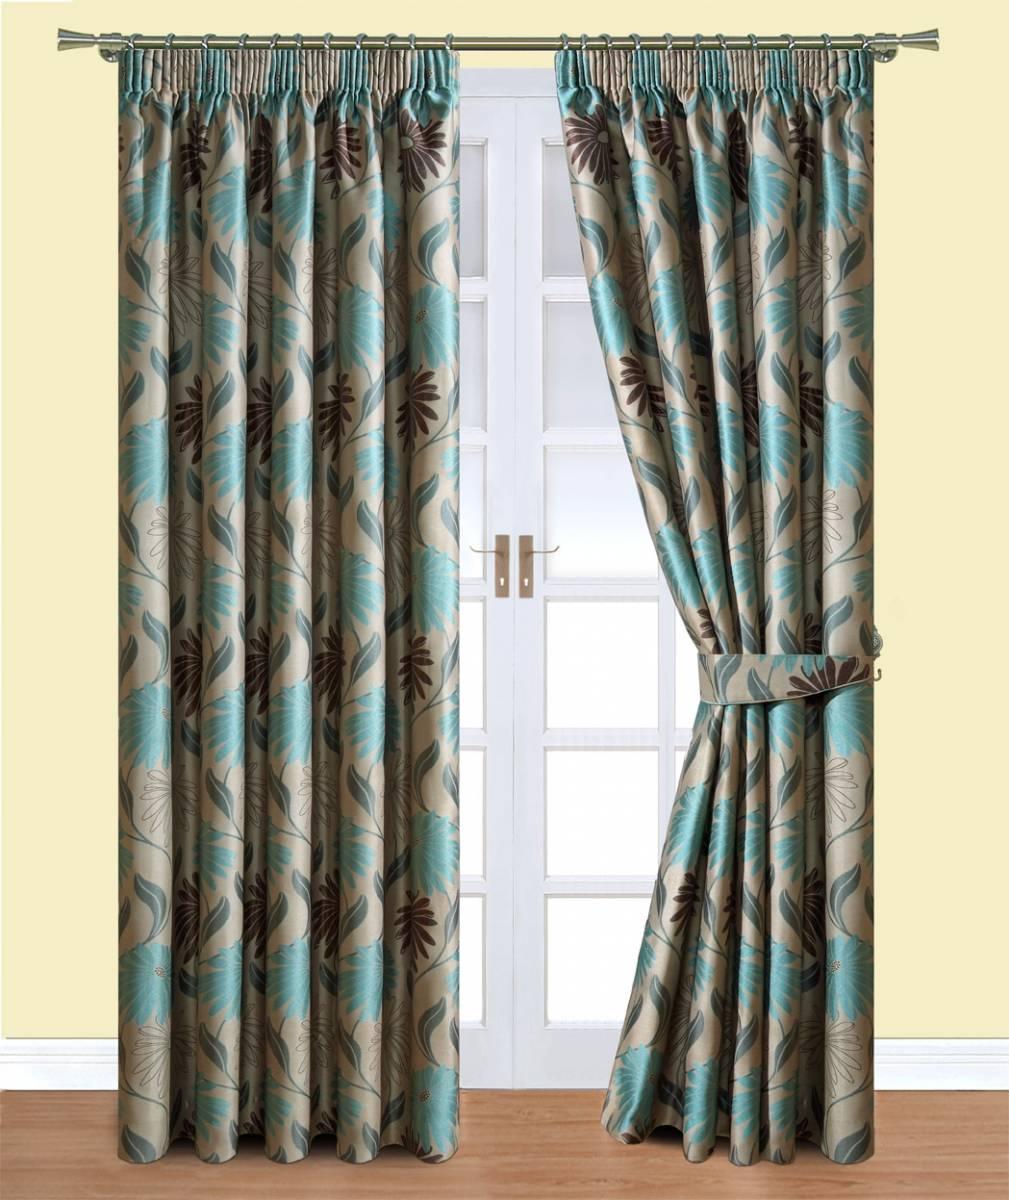 Davie Teal Belfield Curtains Net Curtain 2 Curtains